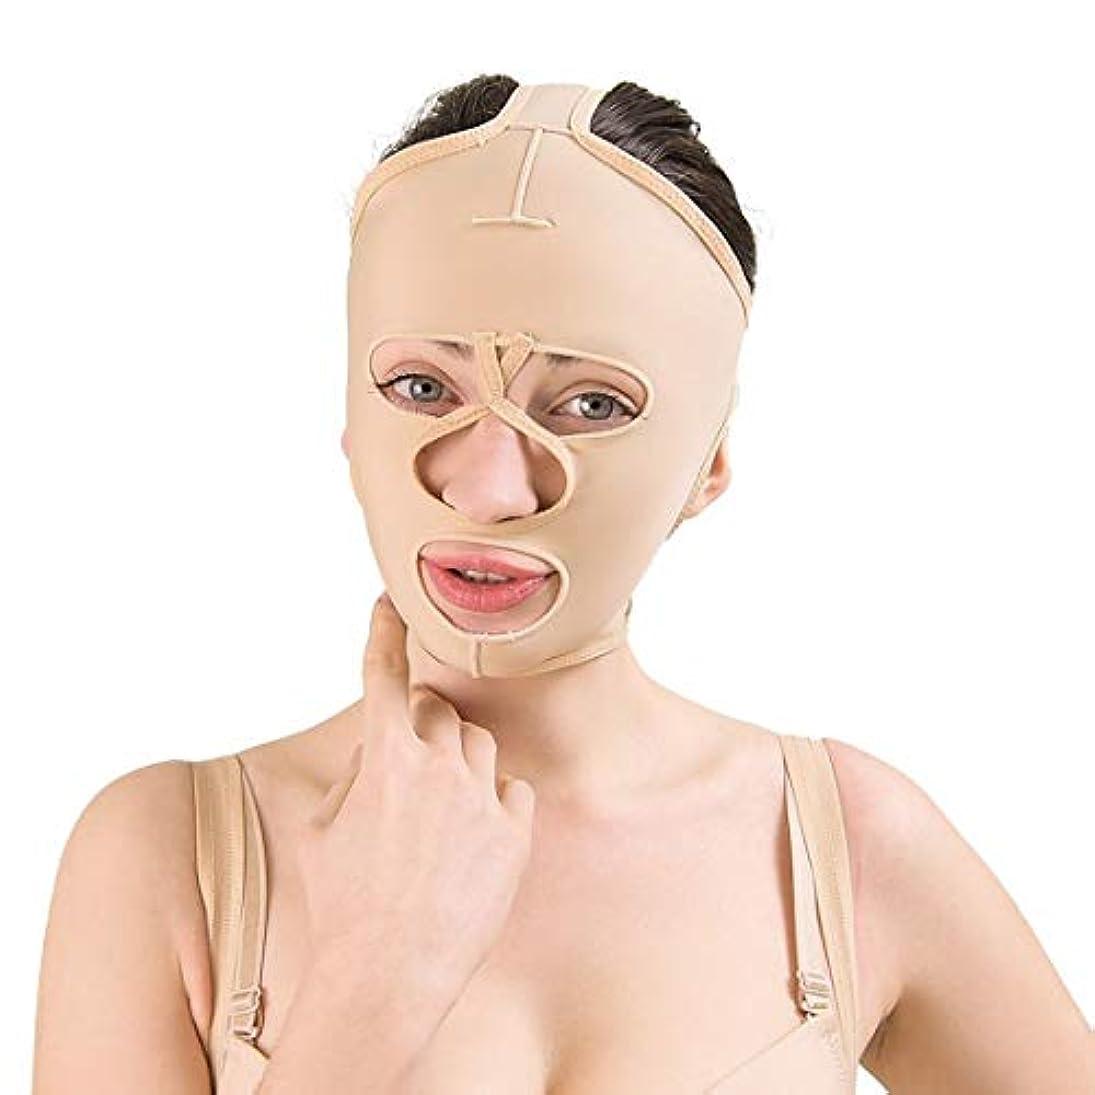 領収書絶対に無声でZWBD フェイスマスク, フェイスリフト包帯医療弾性スリーブ顔面下顎形成外科術後圧縮下顎スリーブ補助修復マスクしわを削除する (Size : S)